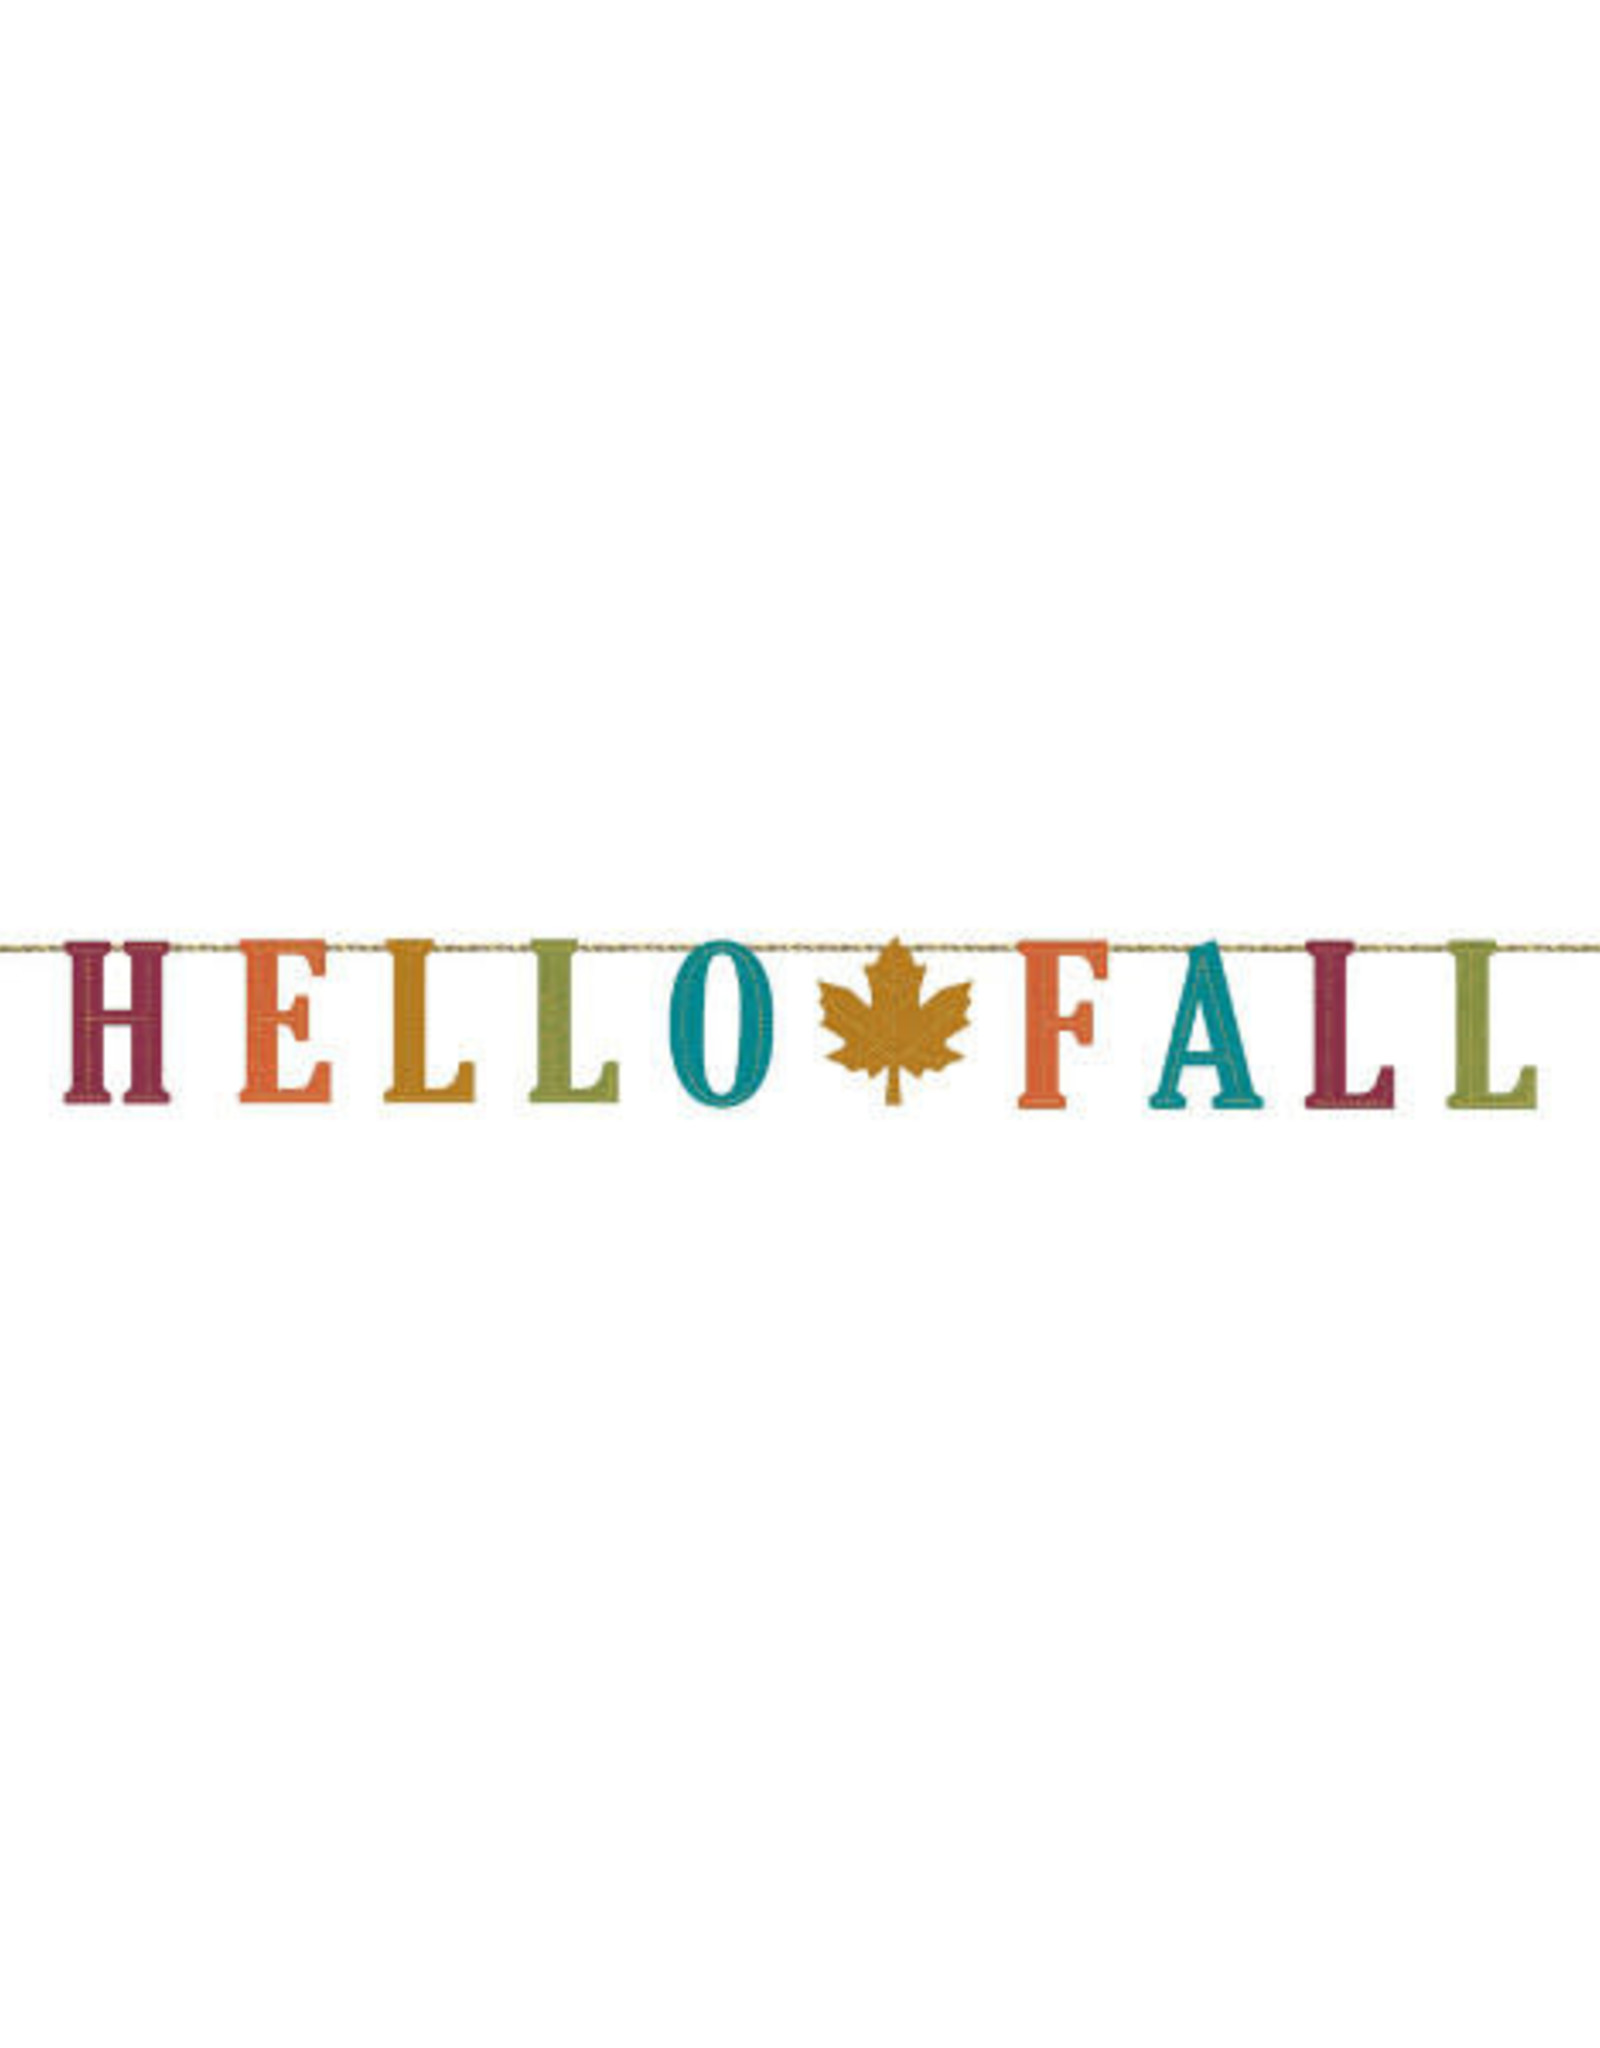 'Hello Fall' Felt Banner 5.5FT